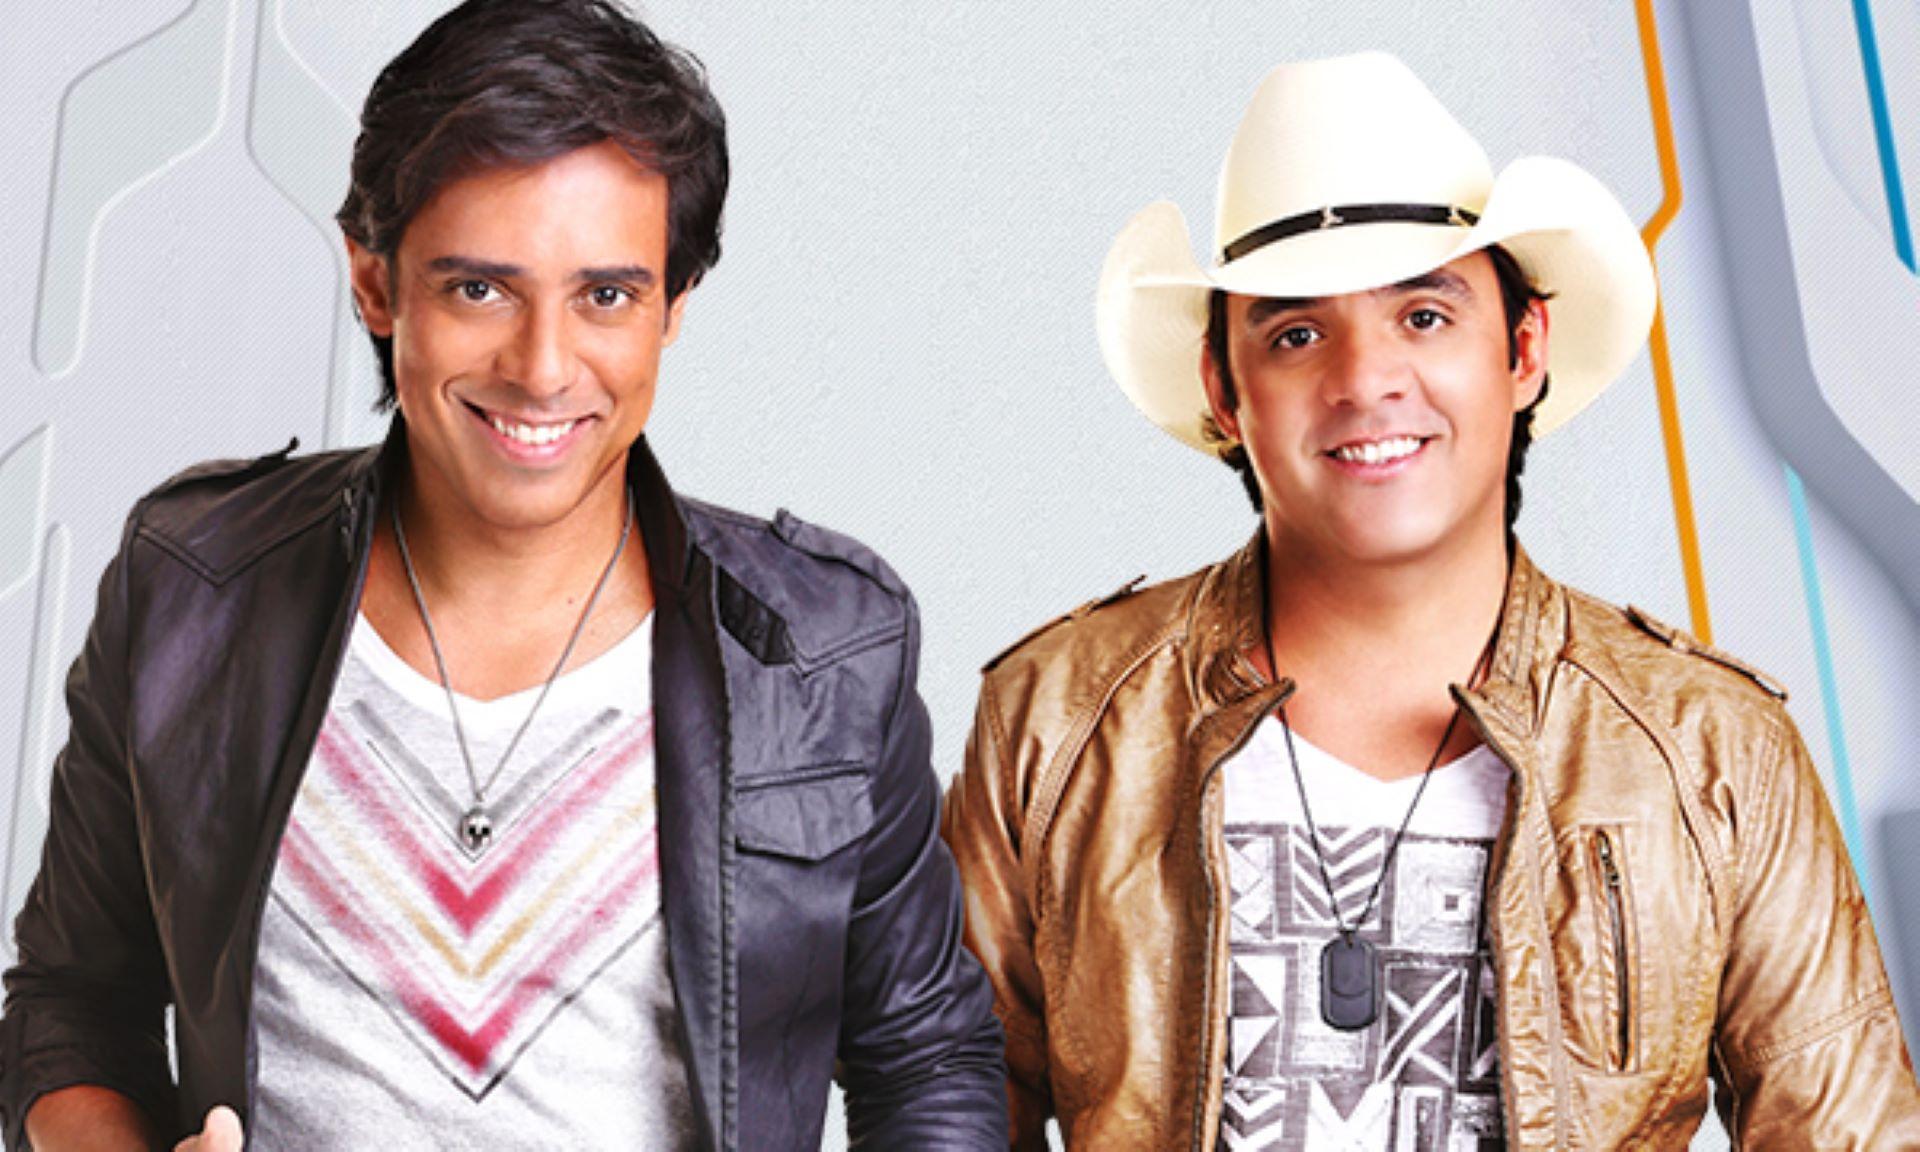 Guilherme & Santiago e Rionegro & Solimões